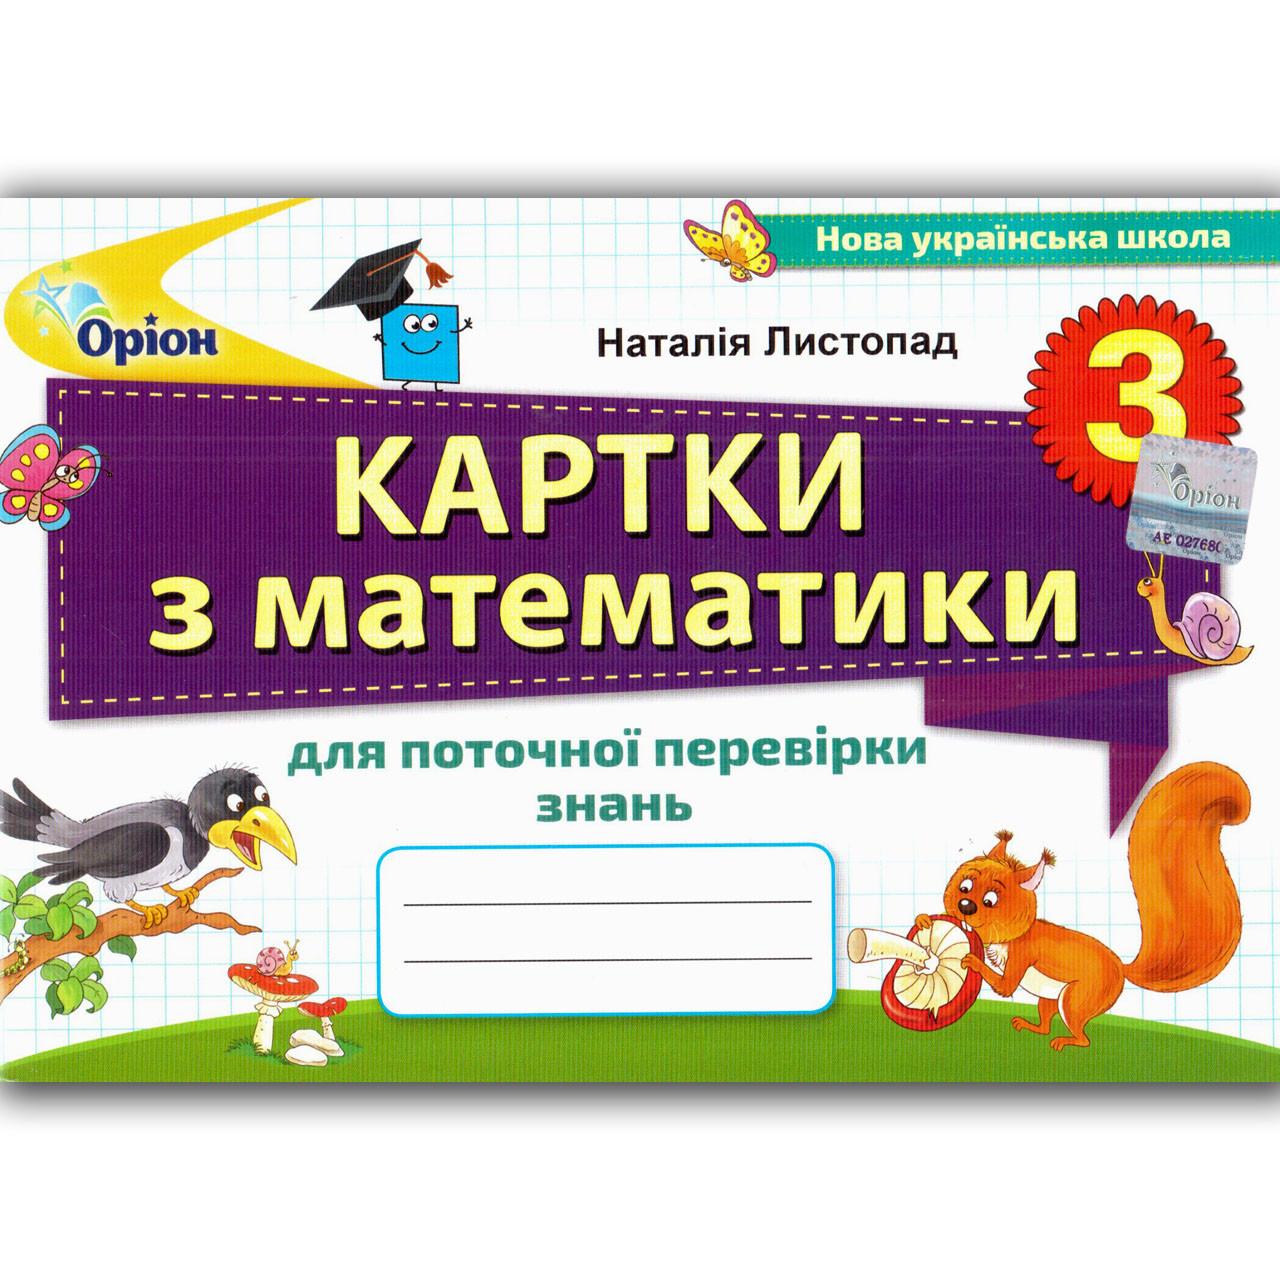 Картки з математики 3 клас Для поточної перевірки знань Авт: Листопад Н. Вид: Оріон